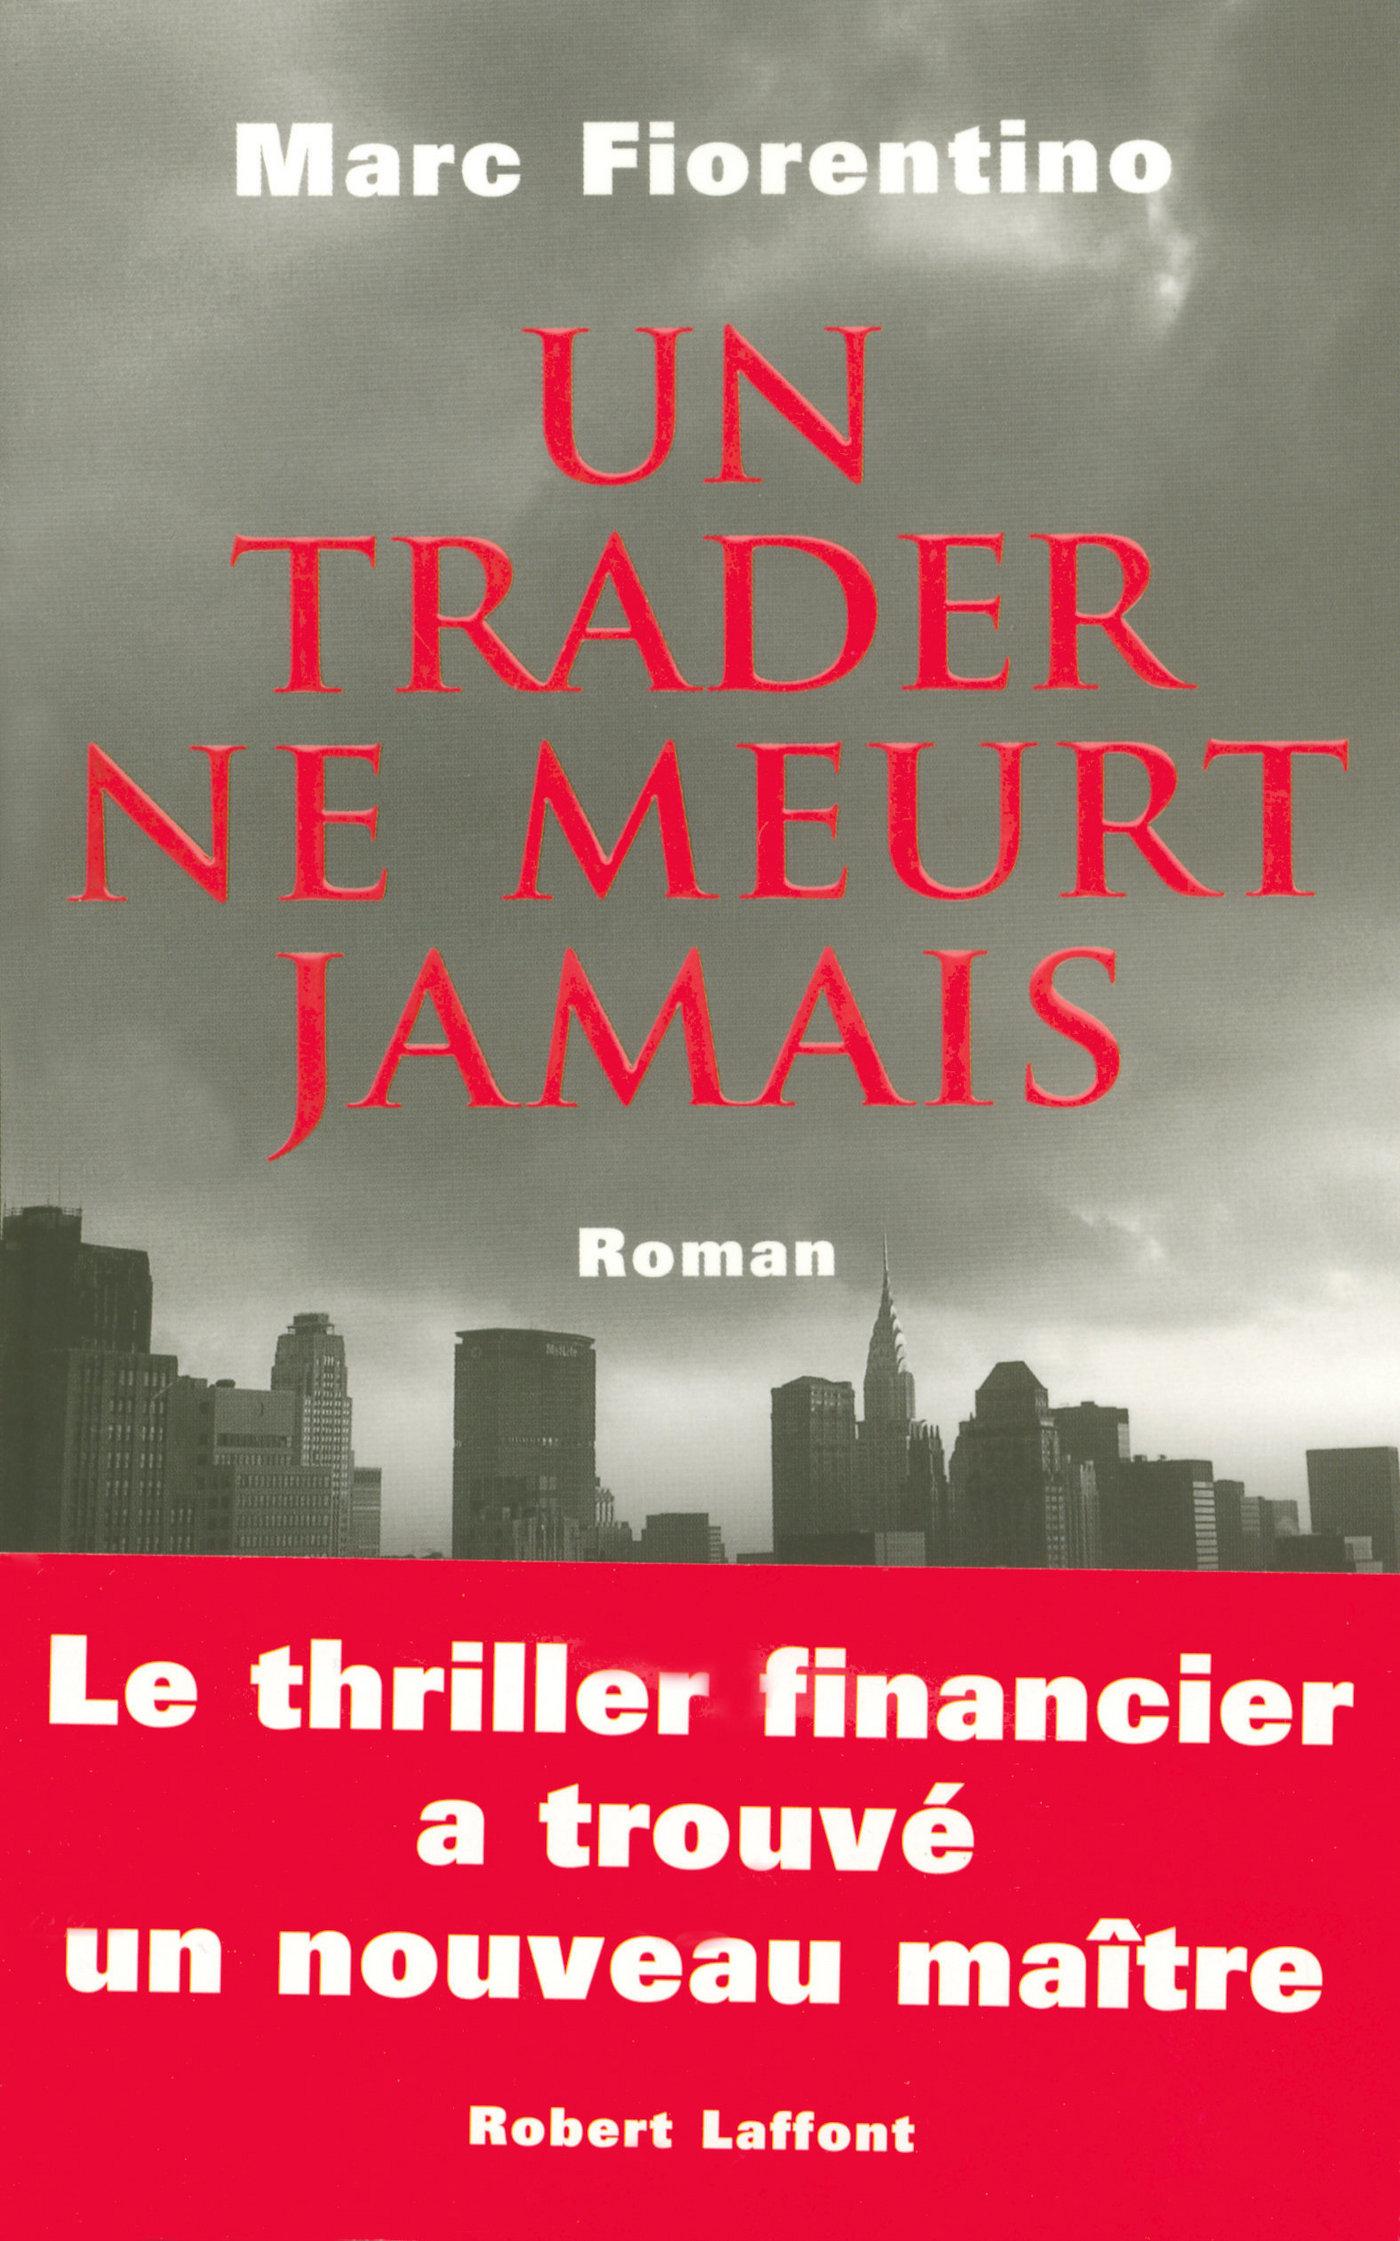 Un trader ne meurt jamais (ebook)